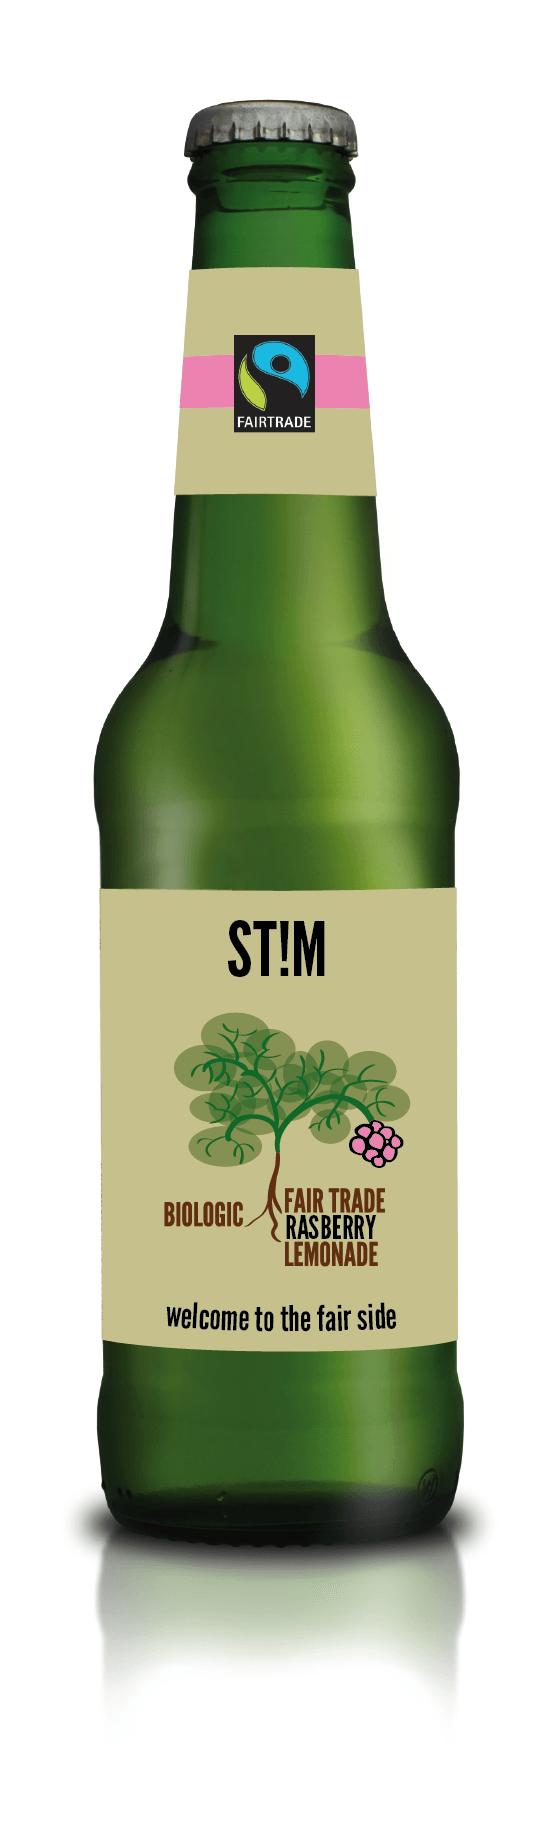 Logo-STIM-3